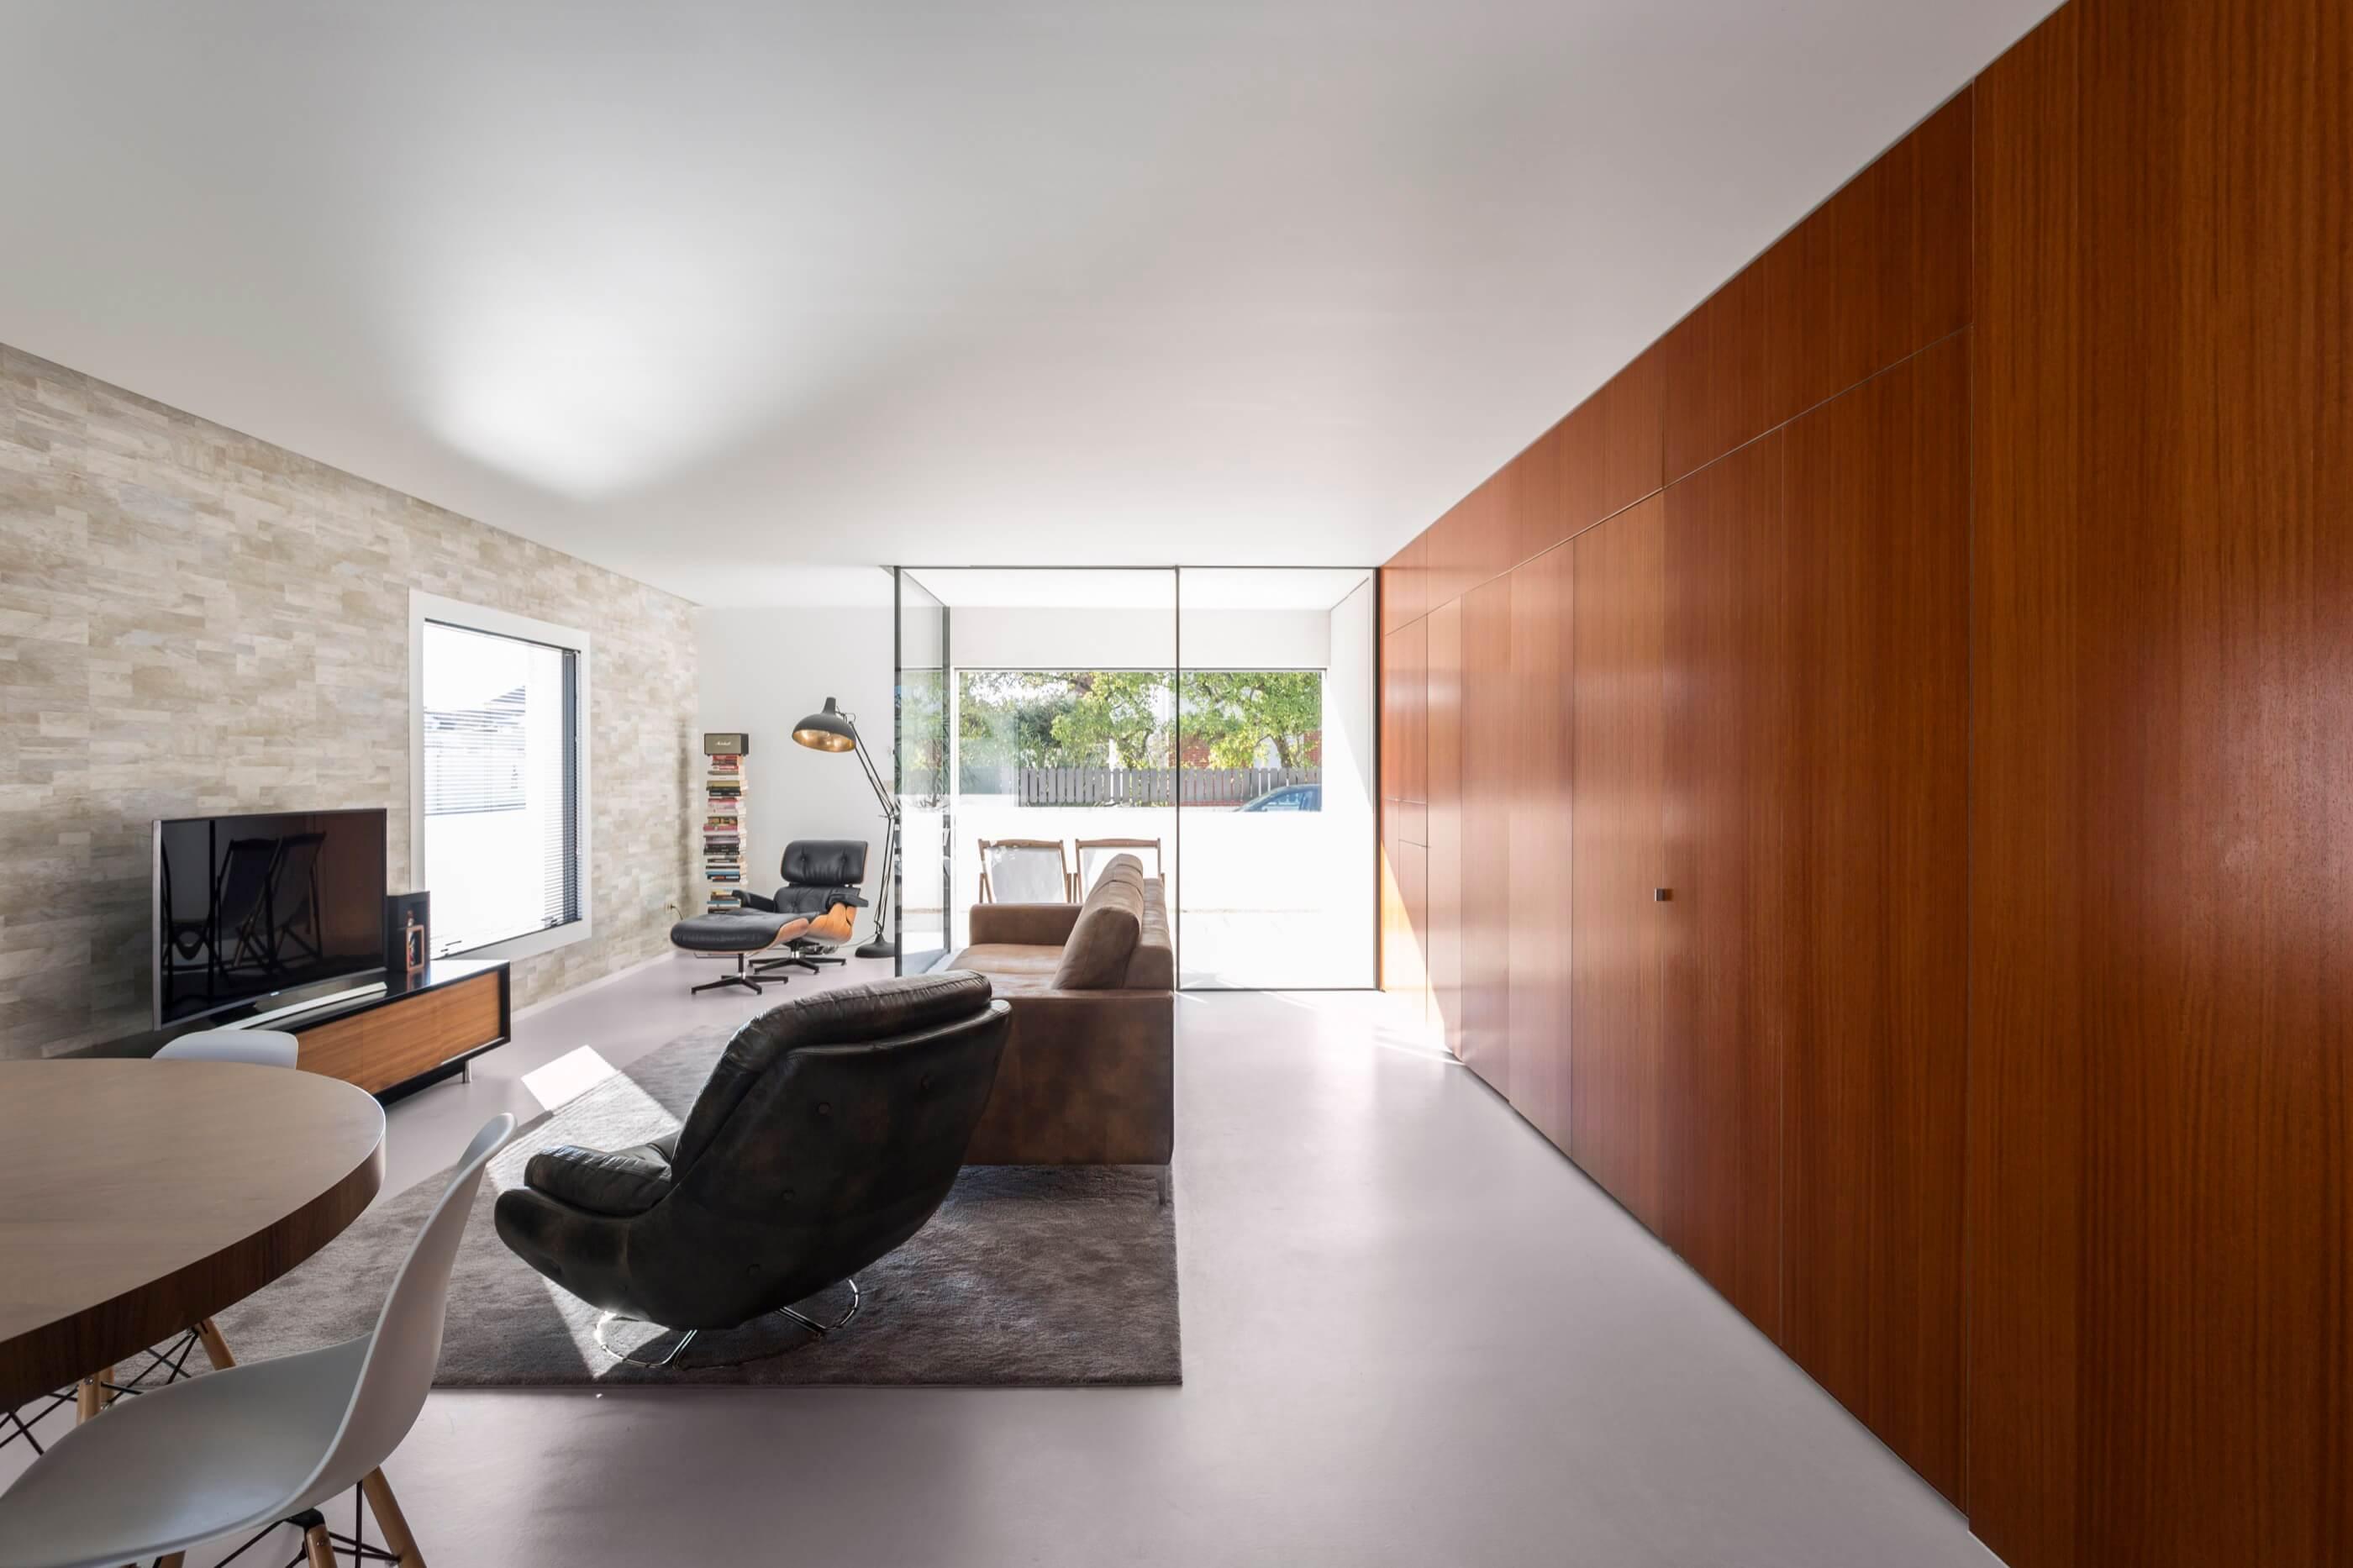 Arquitecto Lousinha Casa Fontes 4 do fotografo Ivo Tavares Studio